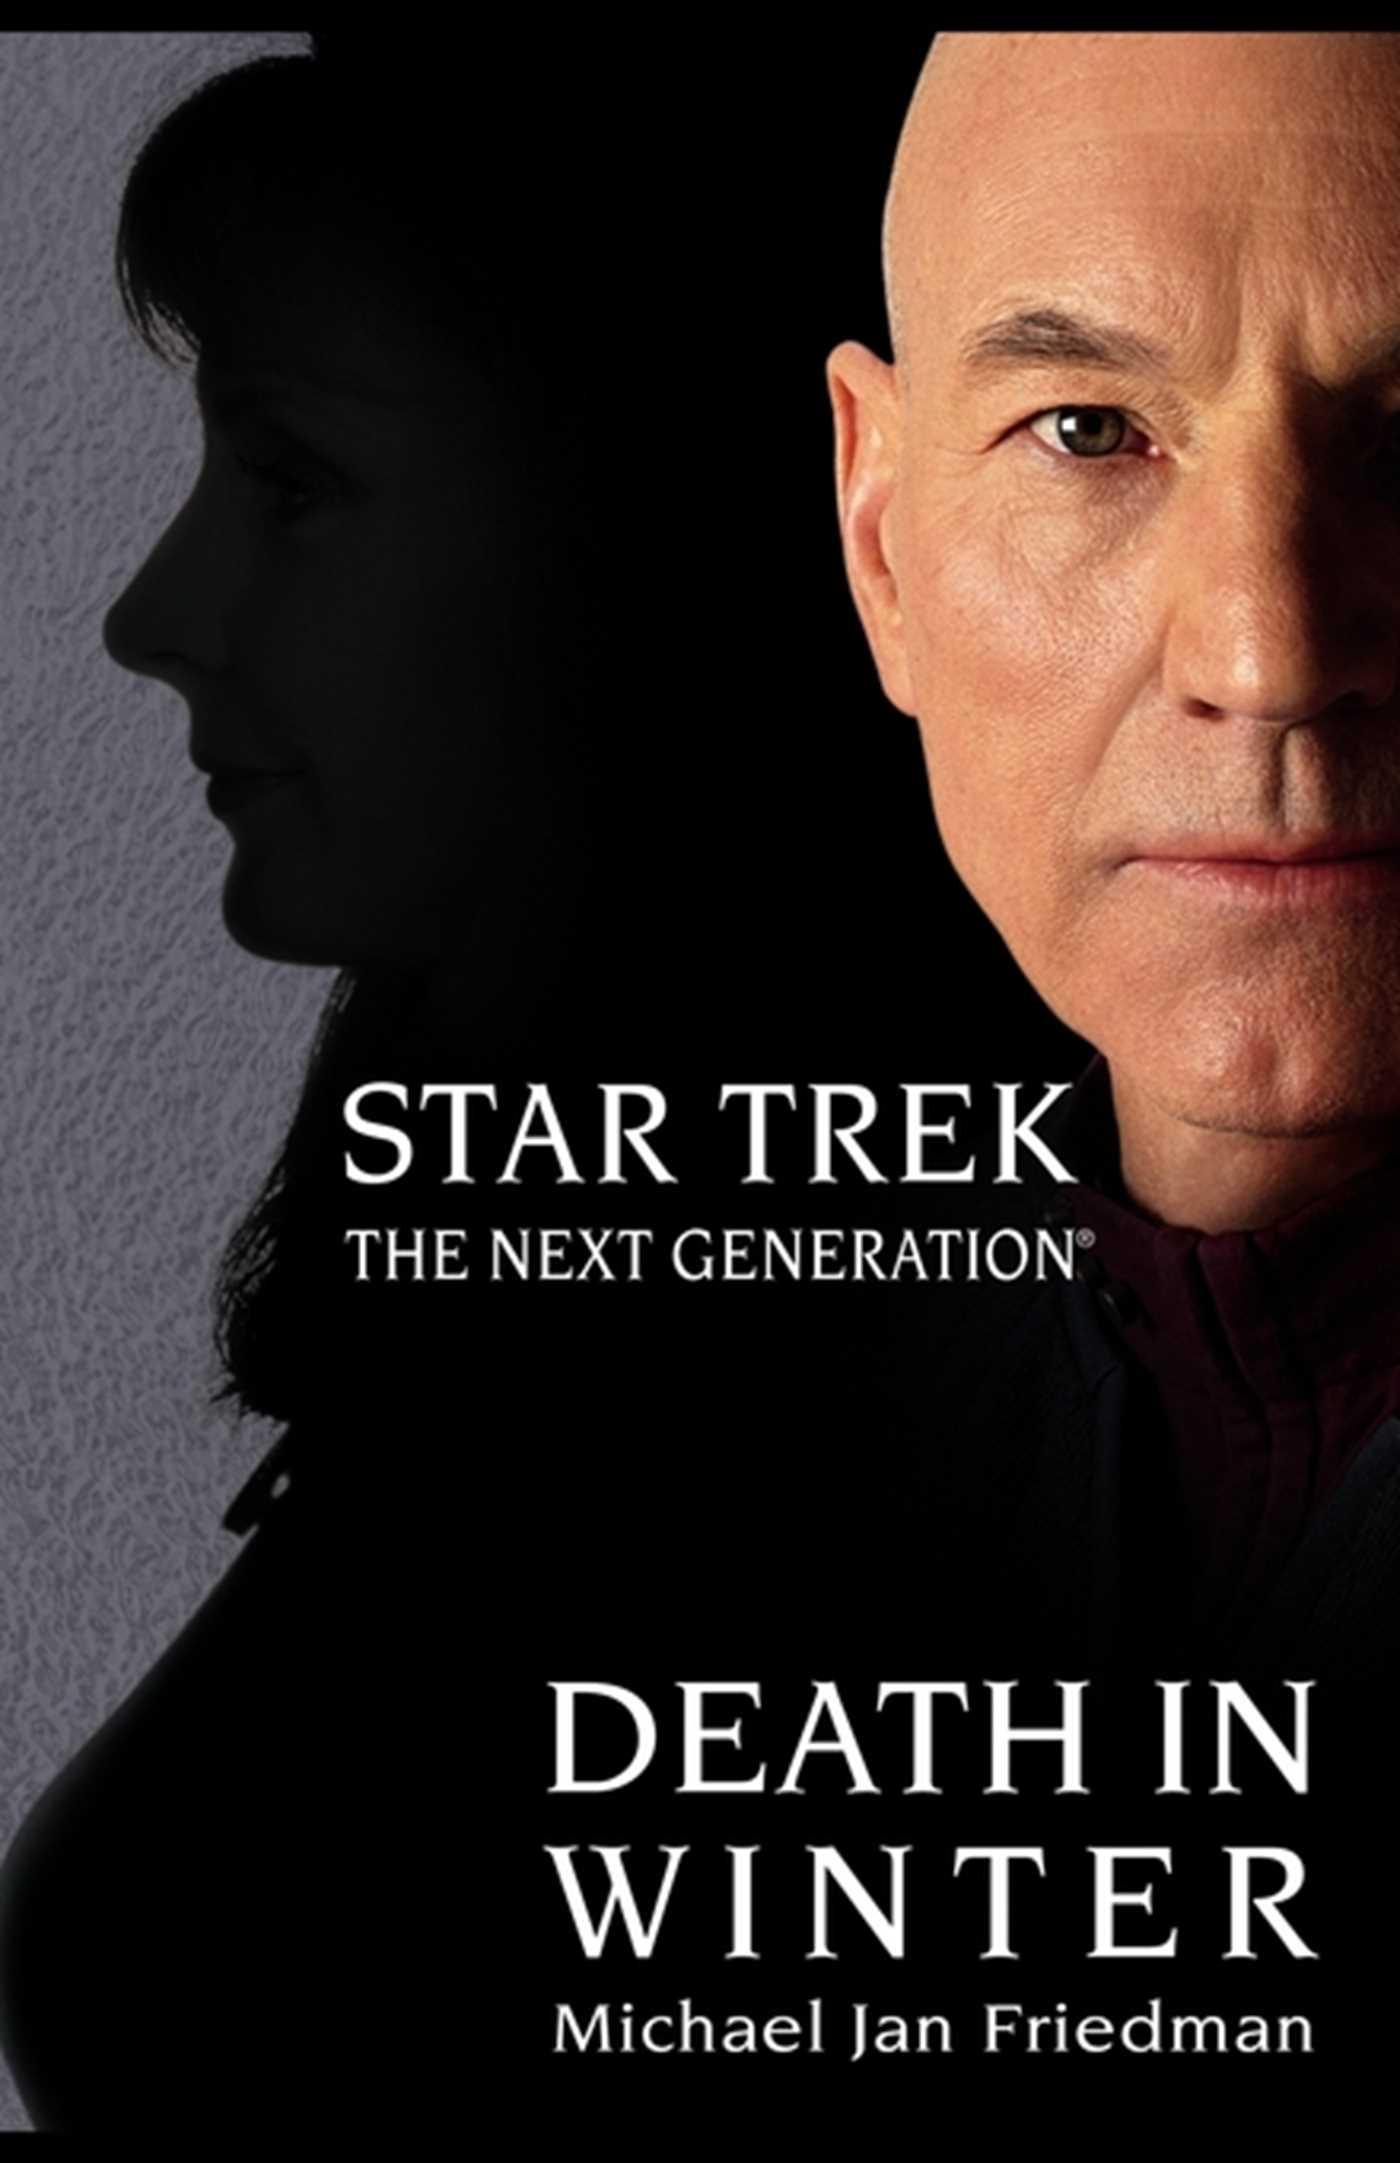 Star trek the next generation death in winter 9781416510307 hr